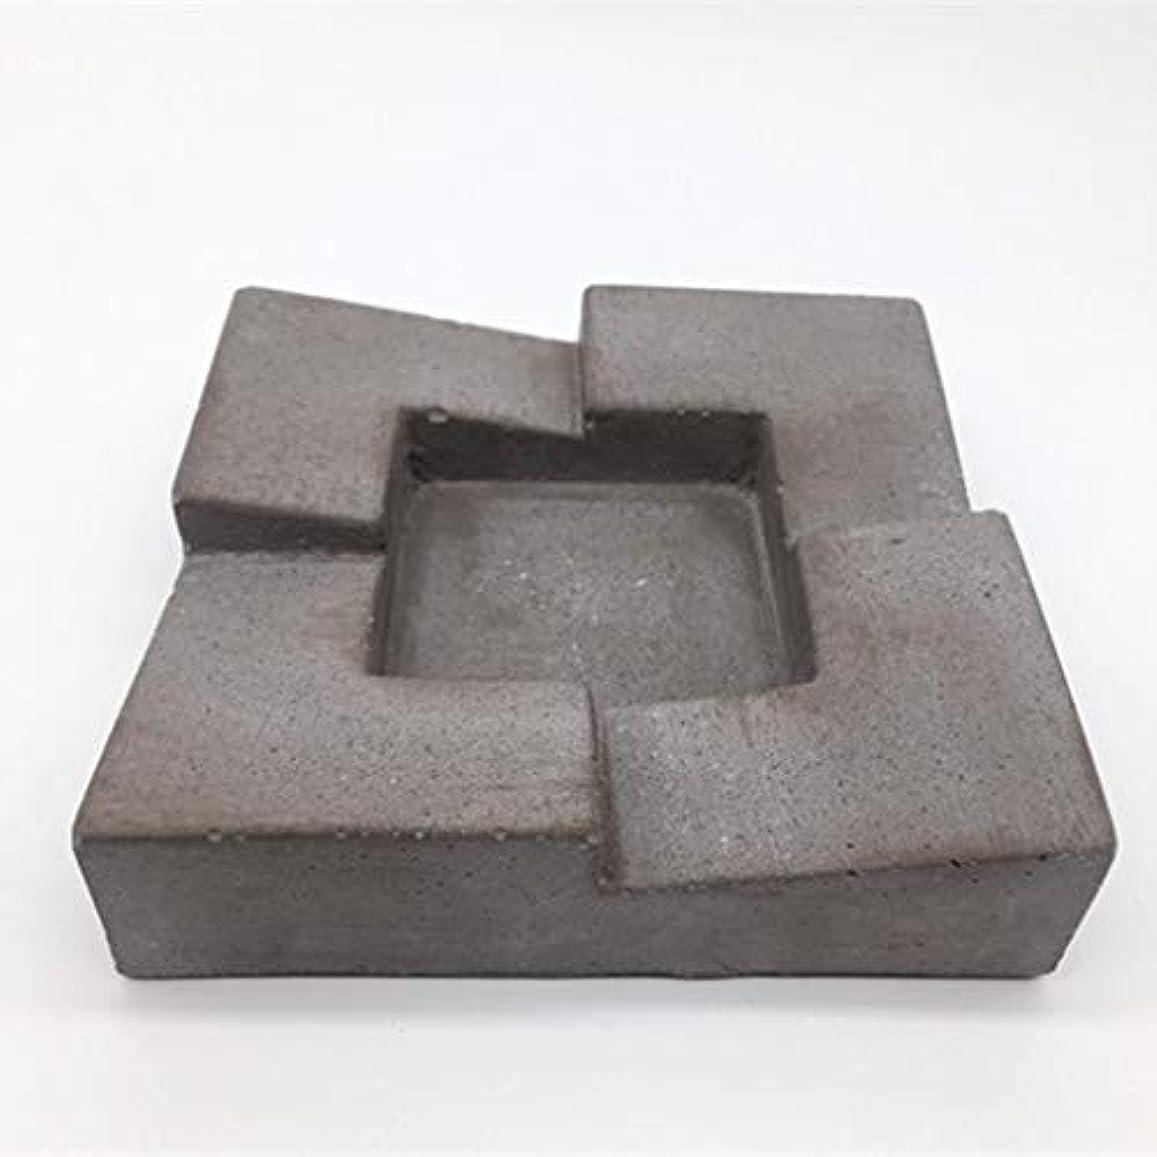 デッド記録批判するビンテージ手彫り灰皿、ホームデスクトップ家具葉巻コンクリートリビングルームバーオフィスセメント灰皿(グレー)品質保証